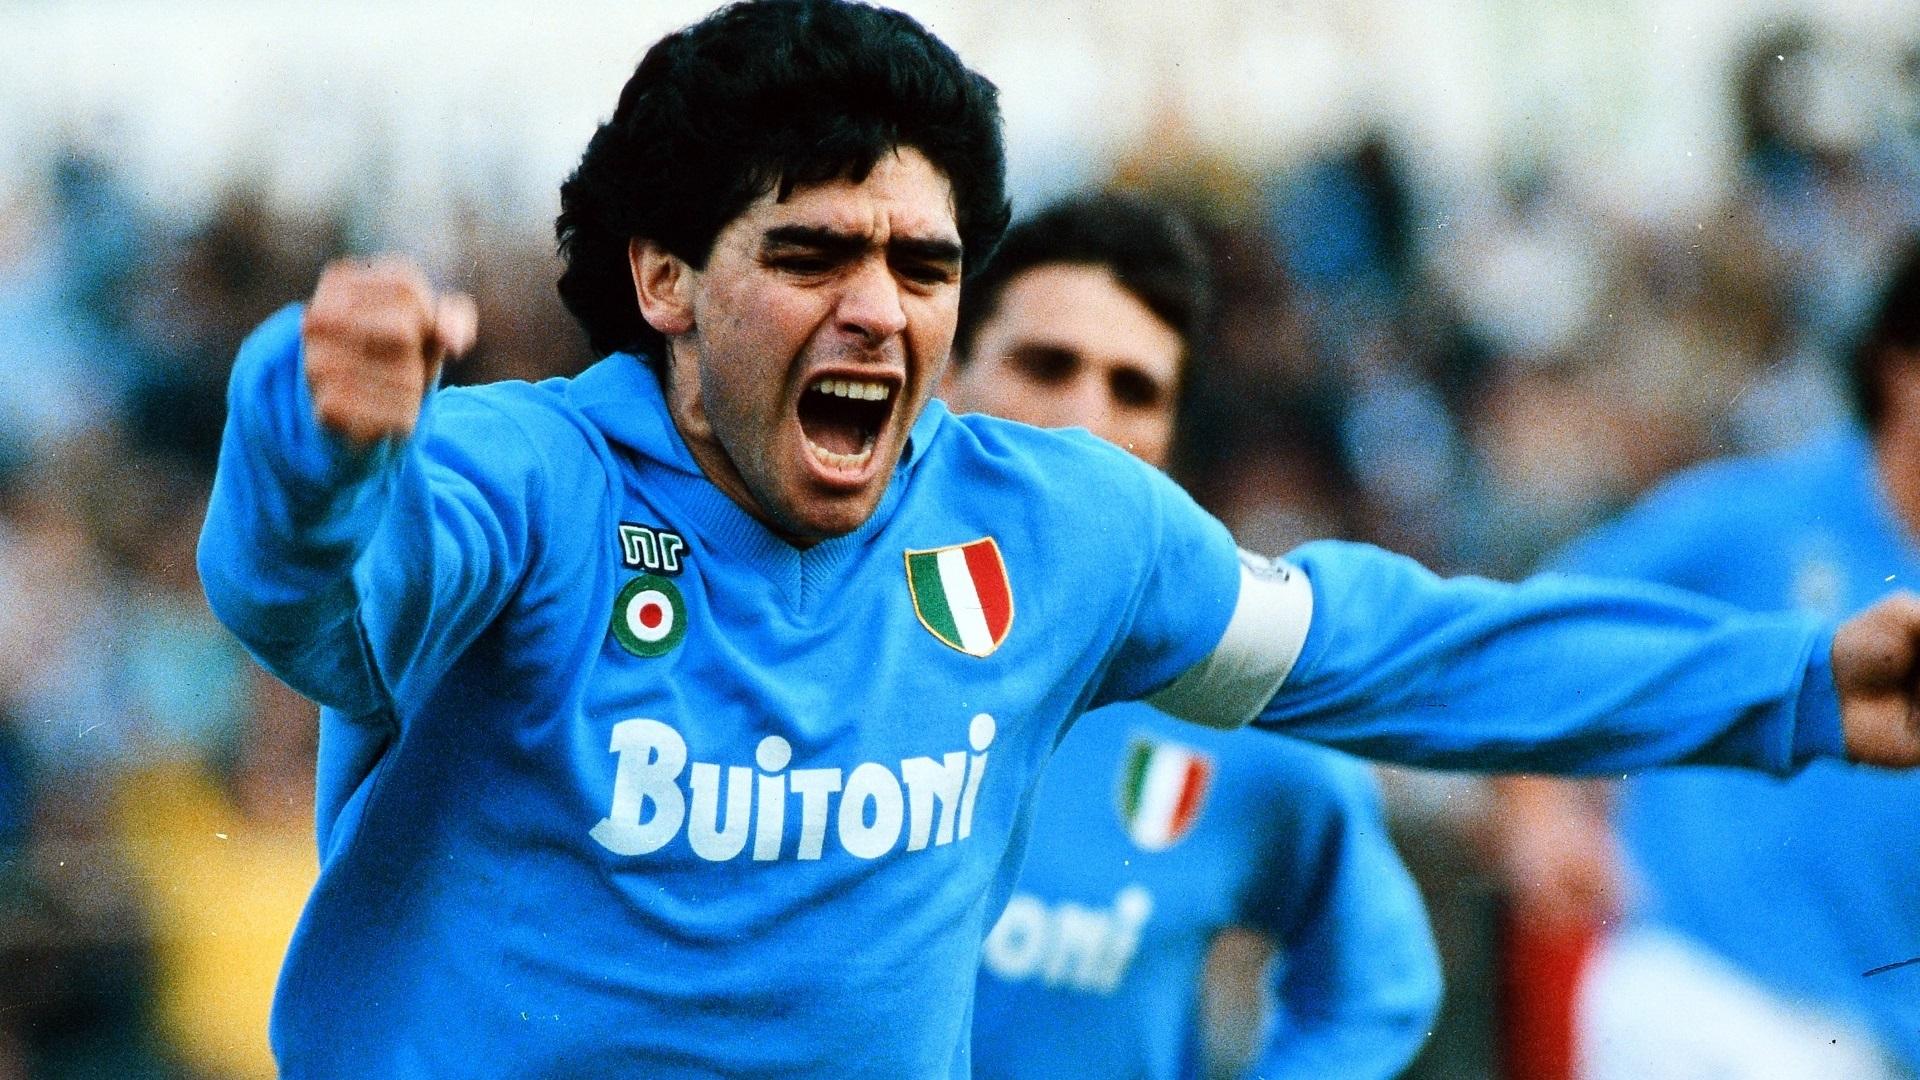 maradona esulta dopo un gol con la maglia del Napoli Fonte: Marketing Ignorante